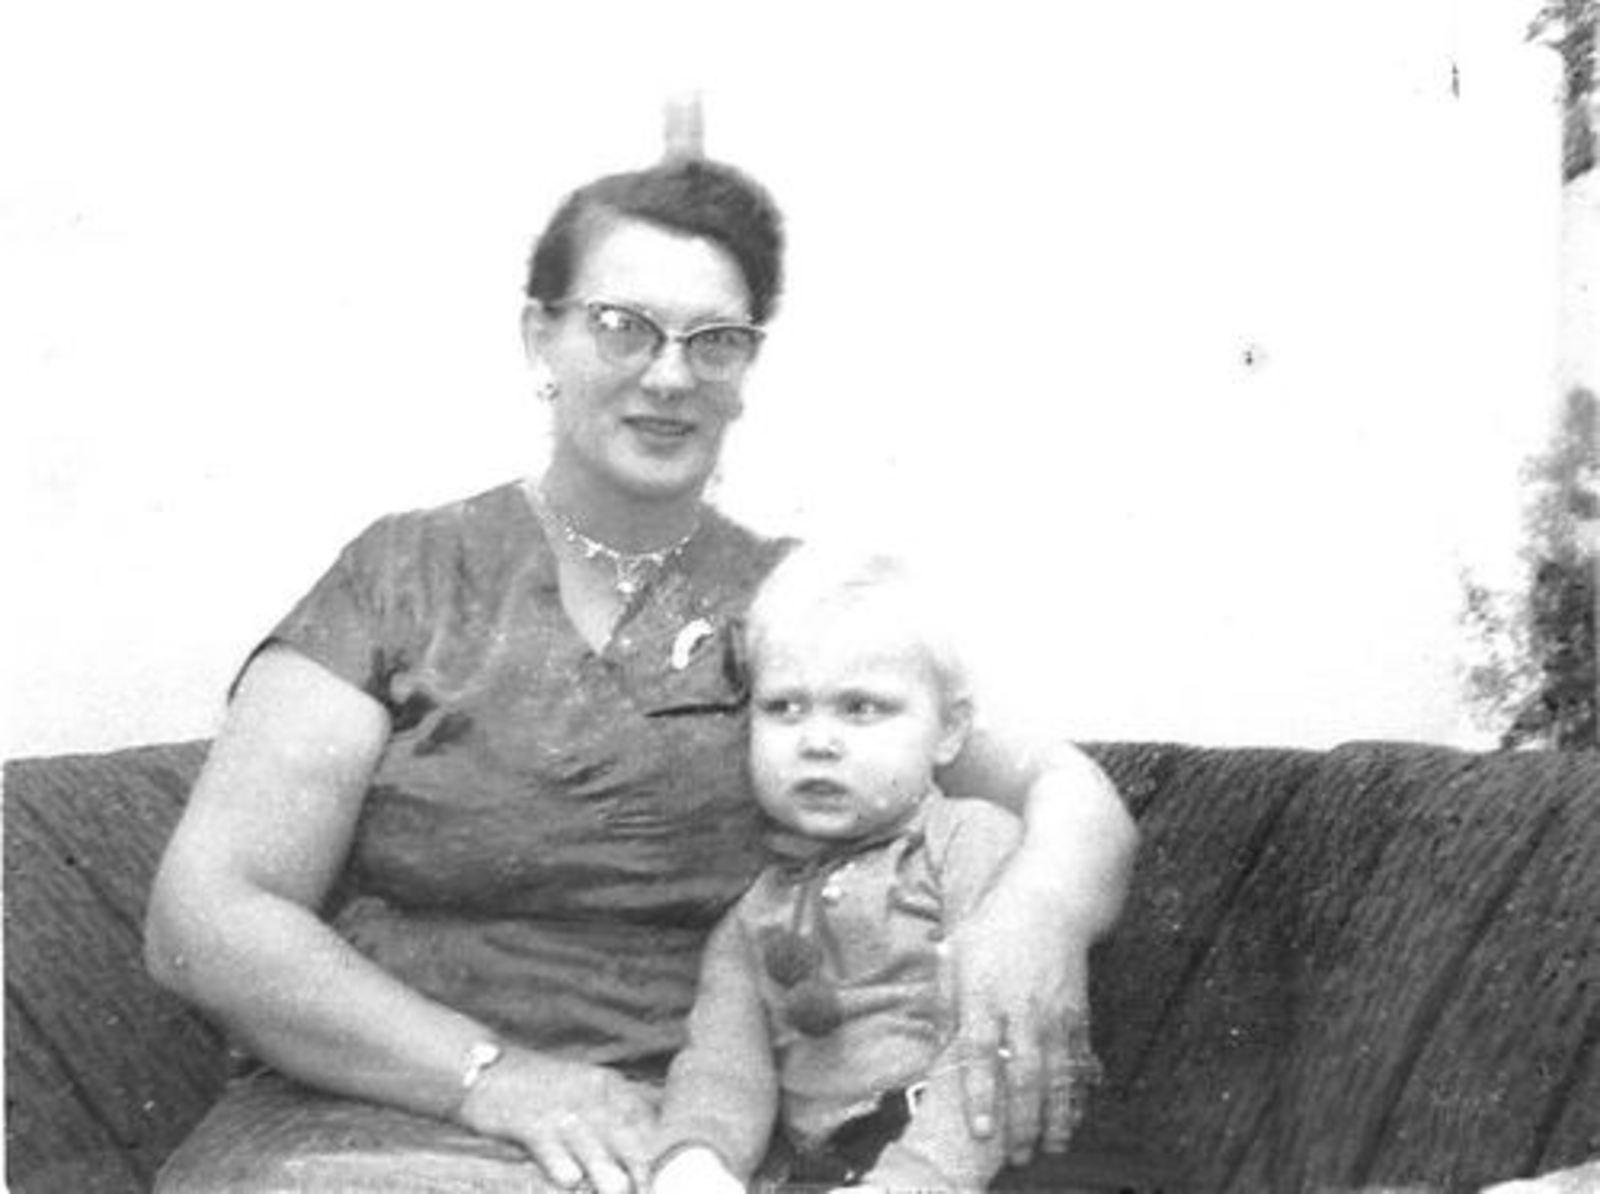 Blom Jan 1906 1963 vrouw Toos Bliek met Onbekend Kind